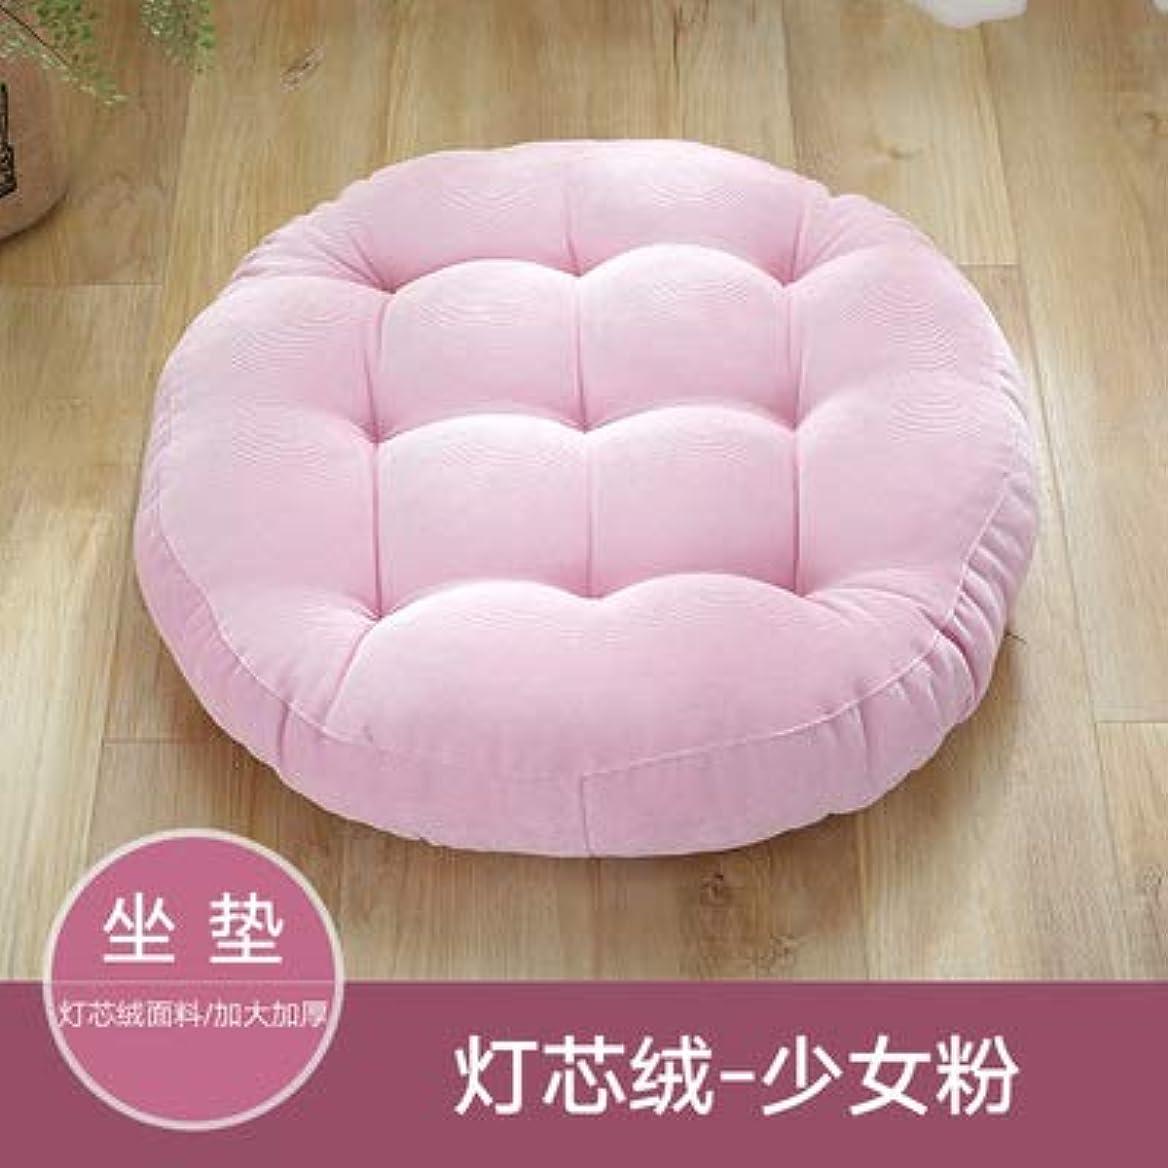 トーン絶縁するLIFE ラウンド厚い椅子のクッションフロアマットレスシートパッドソフトホームオフィスチェアクッションマットソフトスロー枕最高品質の床クッション クッション 椅子